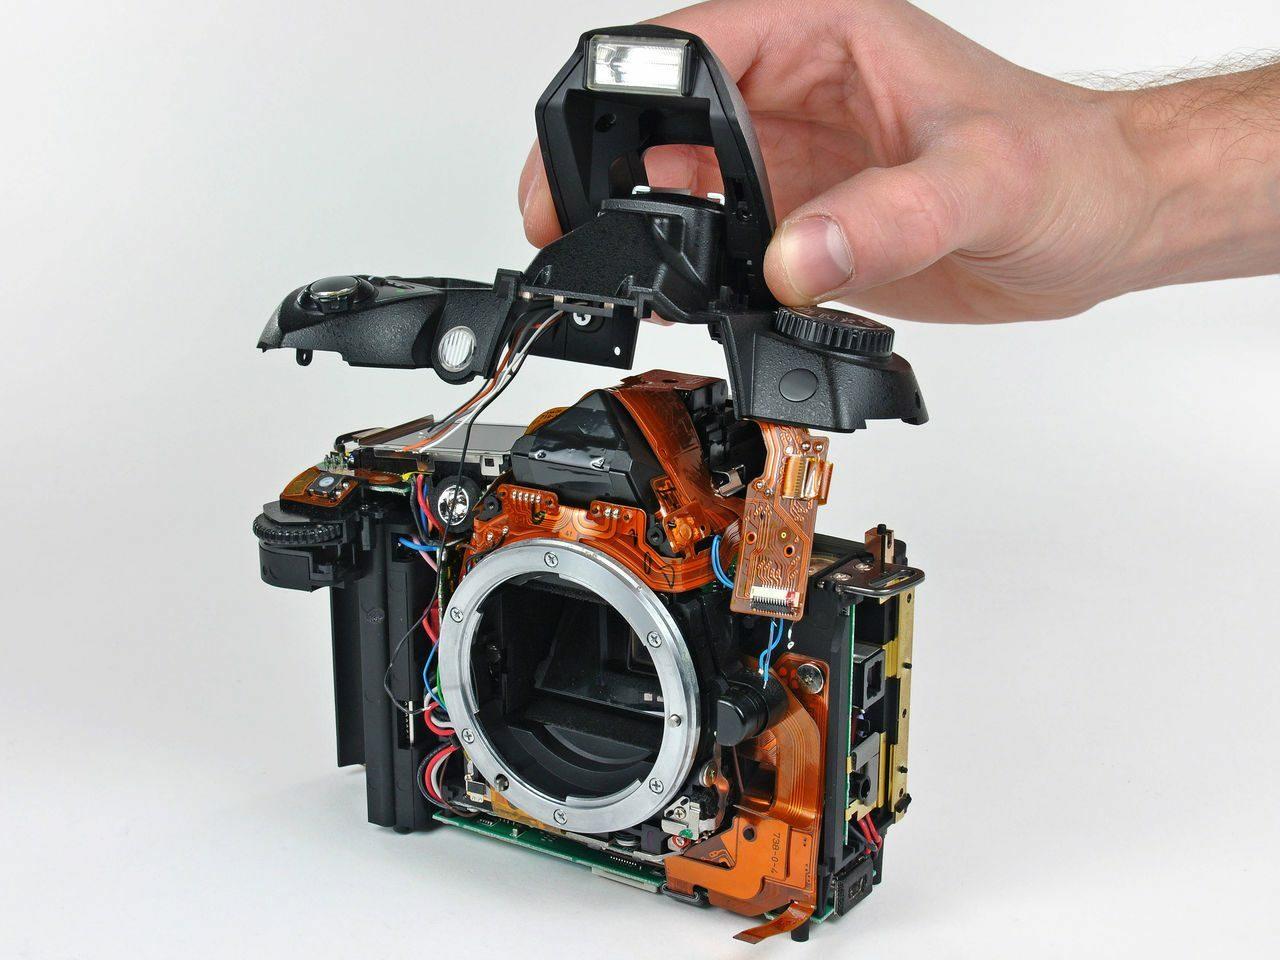 когда родители ремонт фотоаппаратов чита что искусство